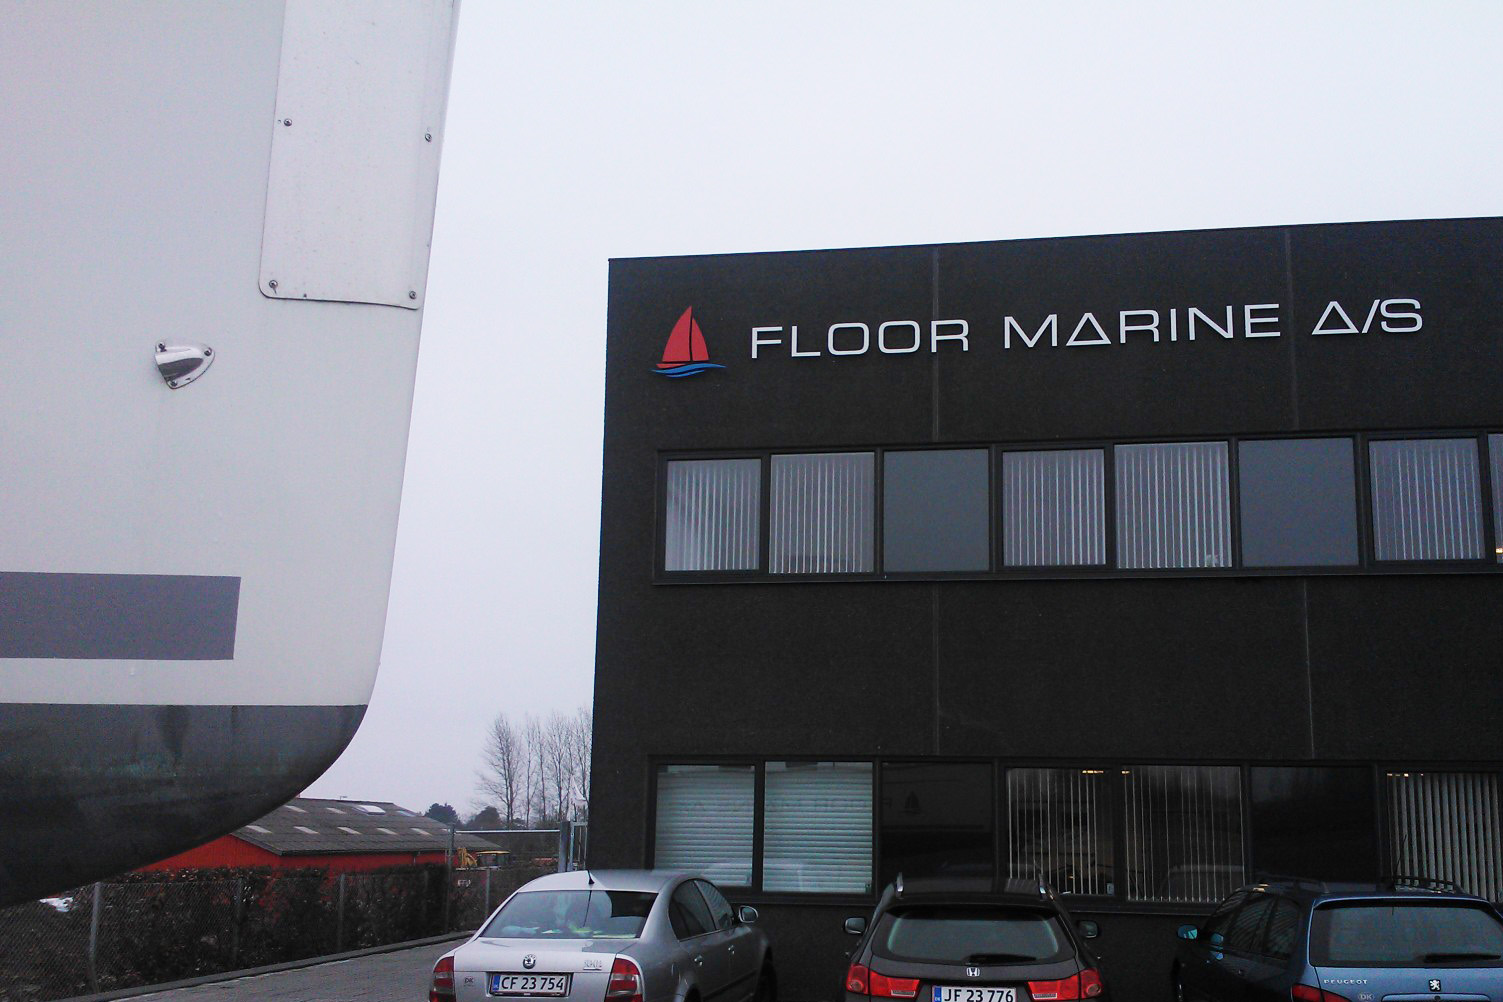 Aktiviteterne i virksomheden vil tage udgangspunkt i Floor Marines nybyggede lokaler på Stokagervej 23 i Risskov. Foto: Troels Lykke